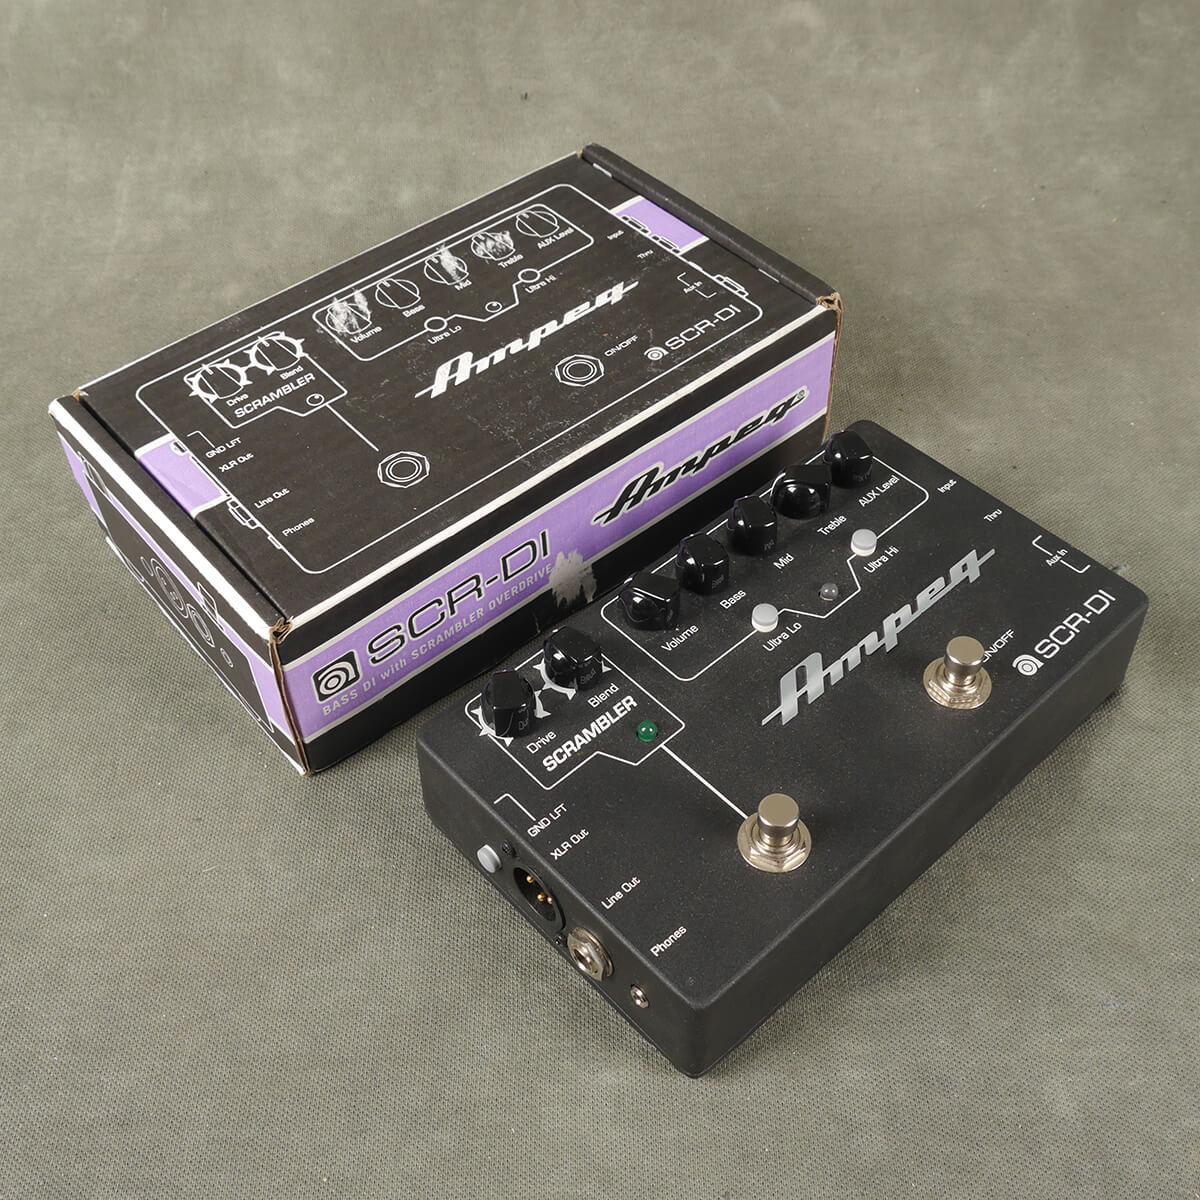 Ampeg SCR-DI Preamp FX Pedal w/Box - 2nd Hand